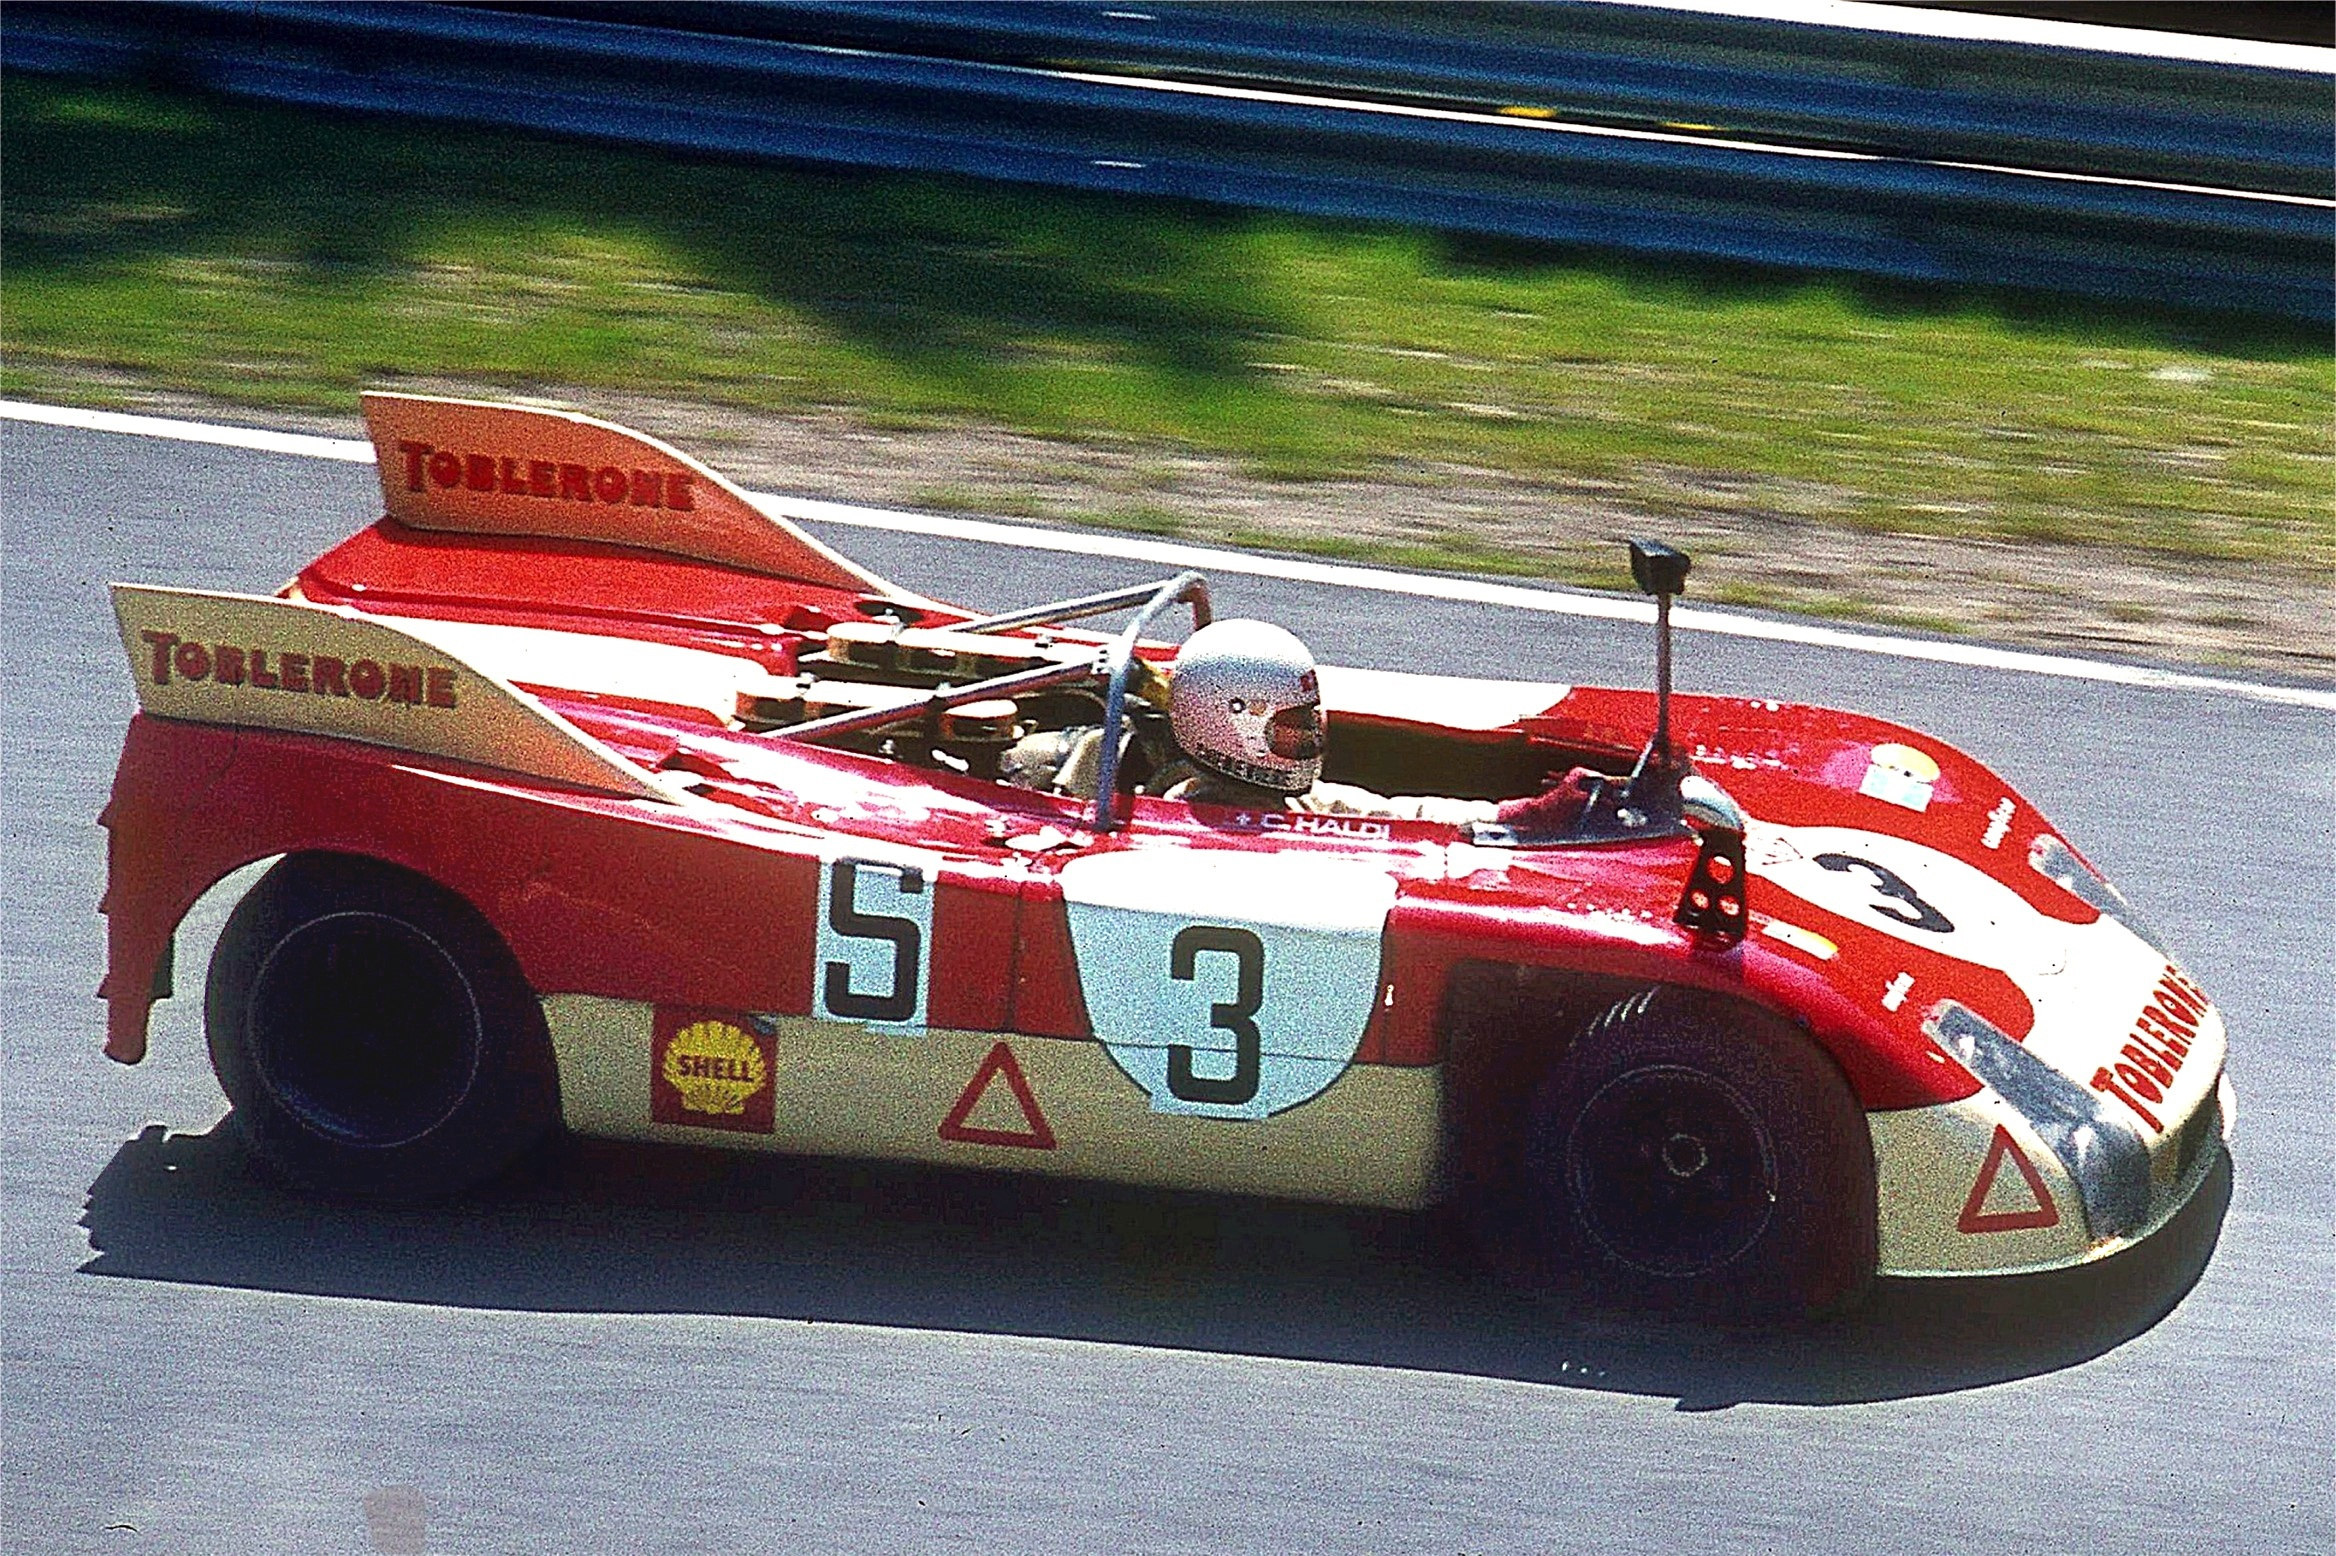 Porsche_908-3%2C_Bernard_Chenevi%C3%A8re_am_27.05.1973.jpg